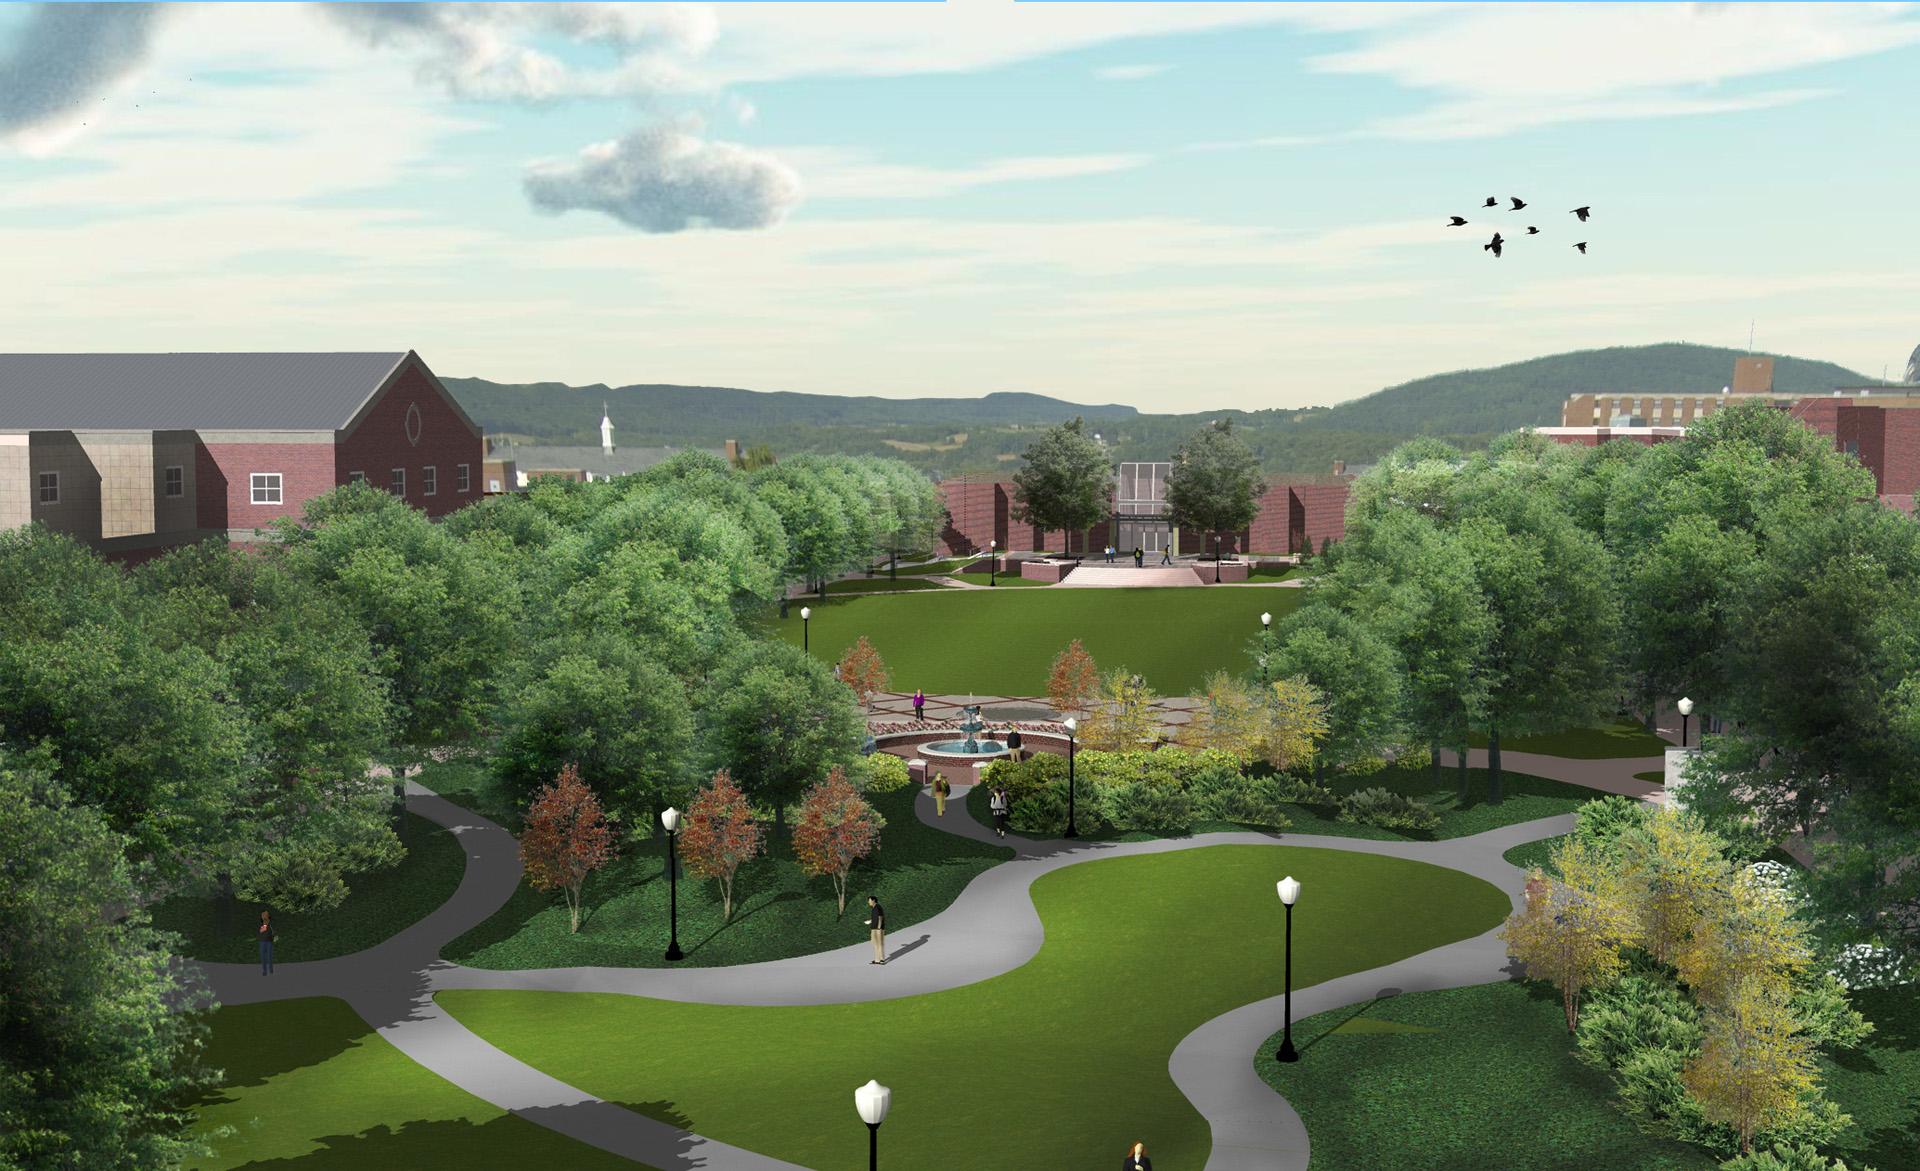 Bloomsburg aerial rendering